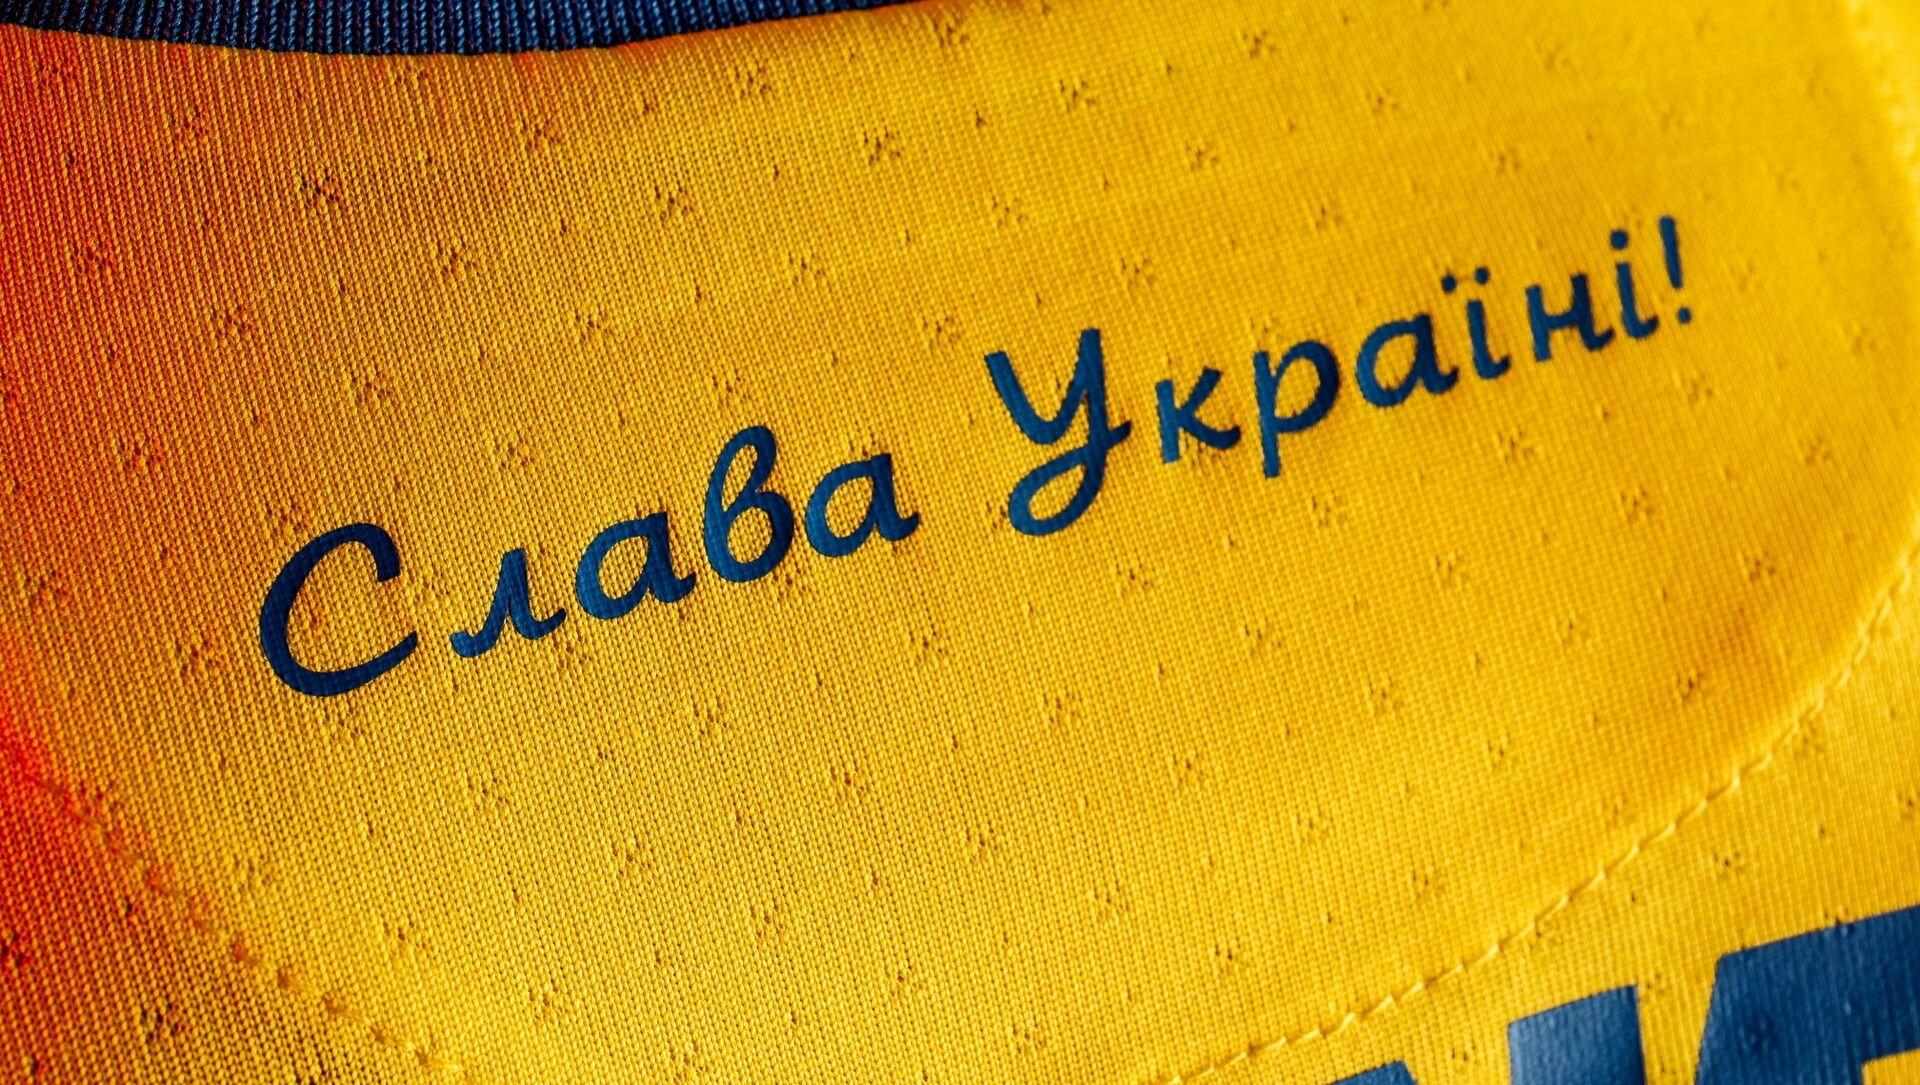 """Đồng phục của đội tuyển Ukraina tại Giải vô địch bóng đá châu Âu EURO 2020 với dòng chữ """"Vinh quang Ukraina!. - Sputnik Việt Nam, 1920, 09.06.2021"""